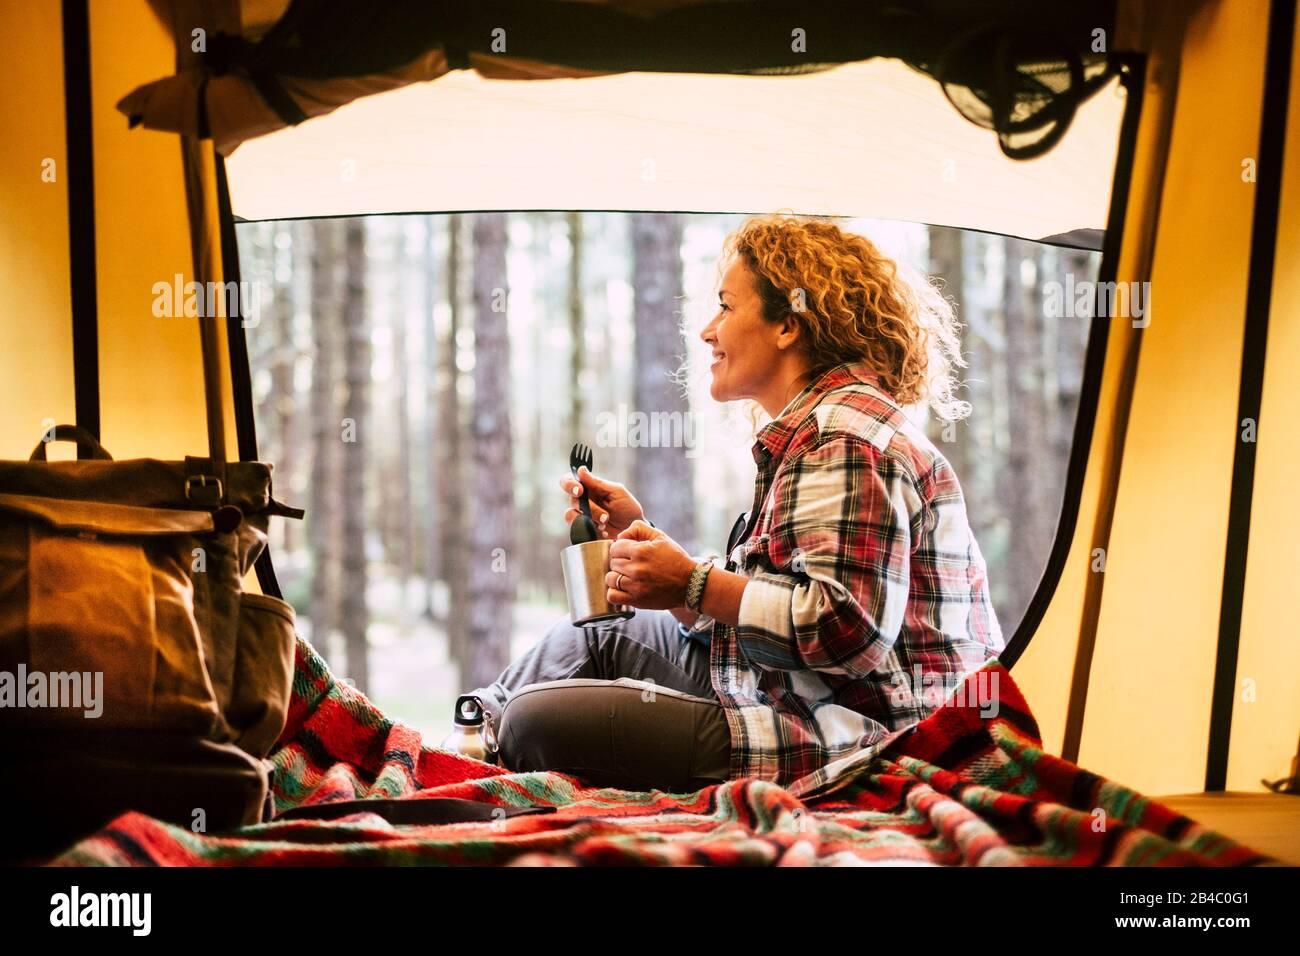 Camping mit Zelt und Abenteuer Alternative Urlaub Konzept mit fröhlichen Menschen - schöne Erwachsene blonde Lächeln und genießen Sie die Natur im Wald rund um den Ort sitzen in der Nähe eines Rucksacks und trinken Kaffee Stockfoto